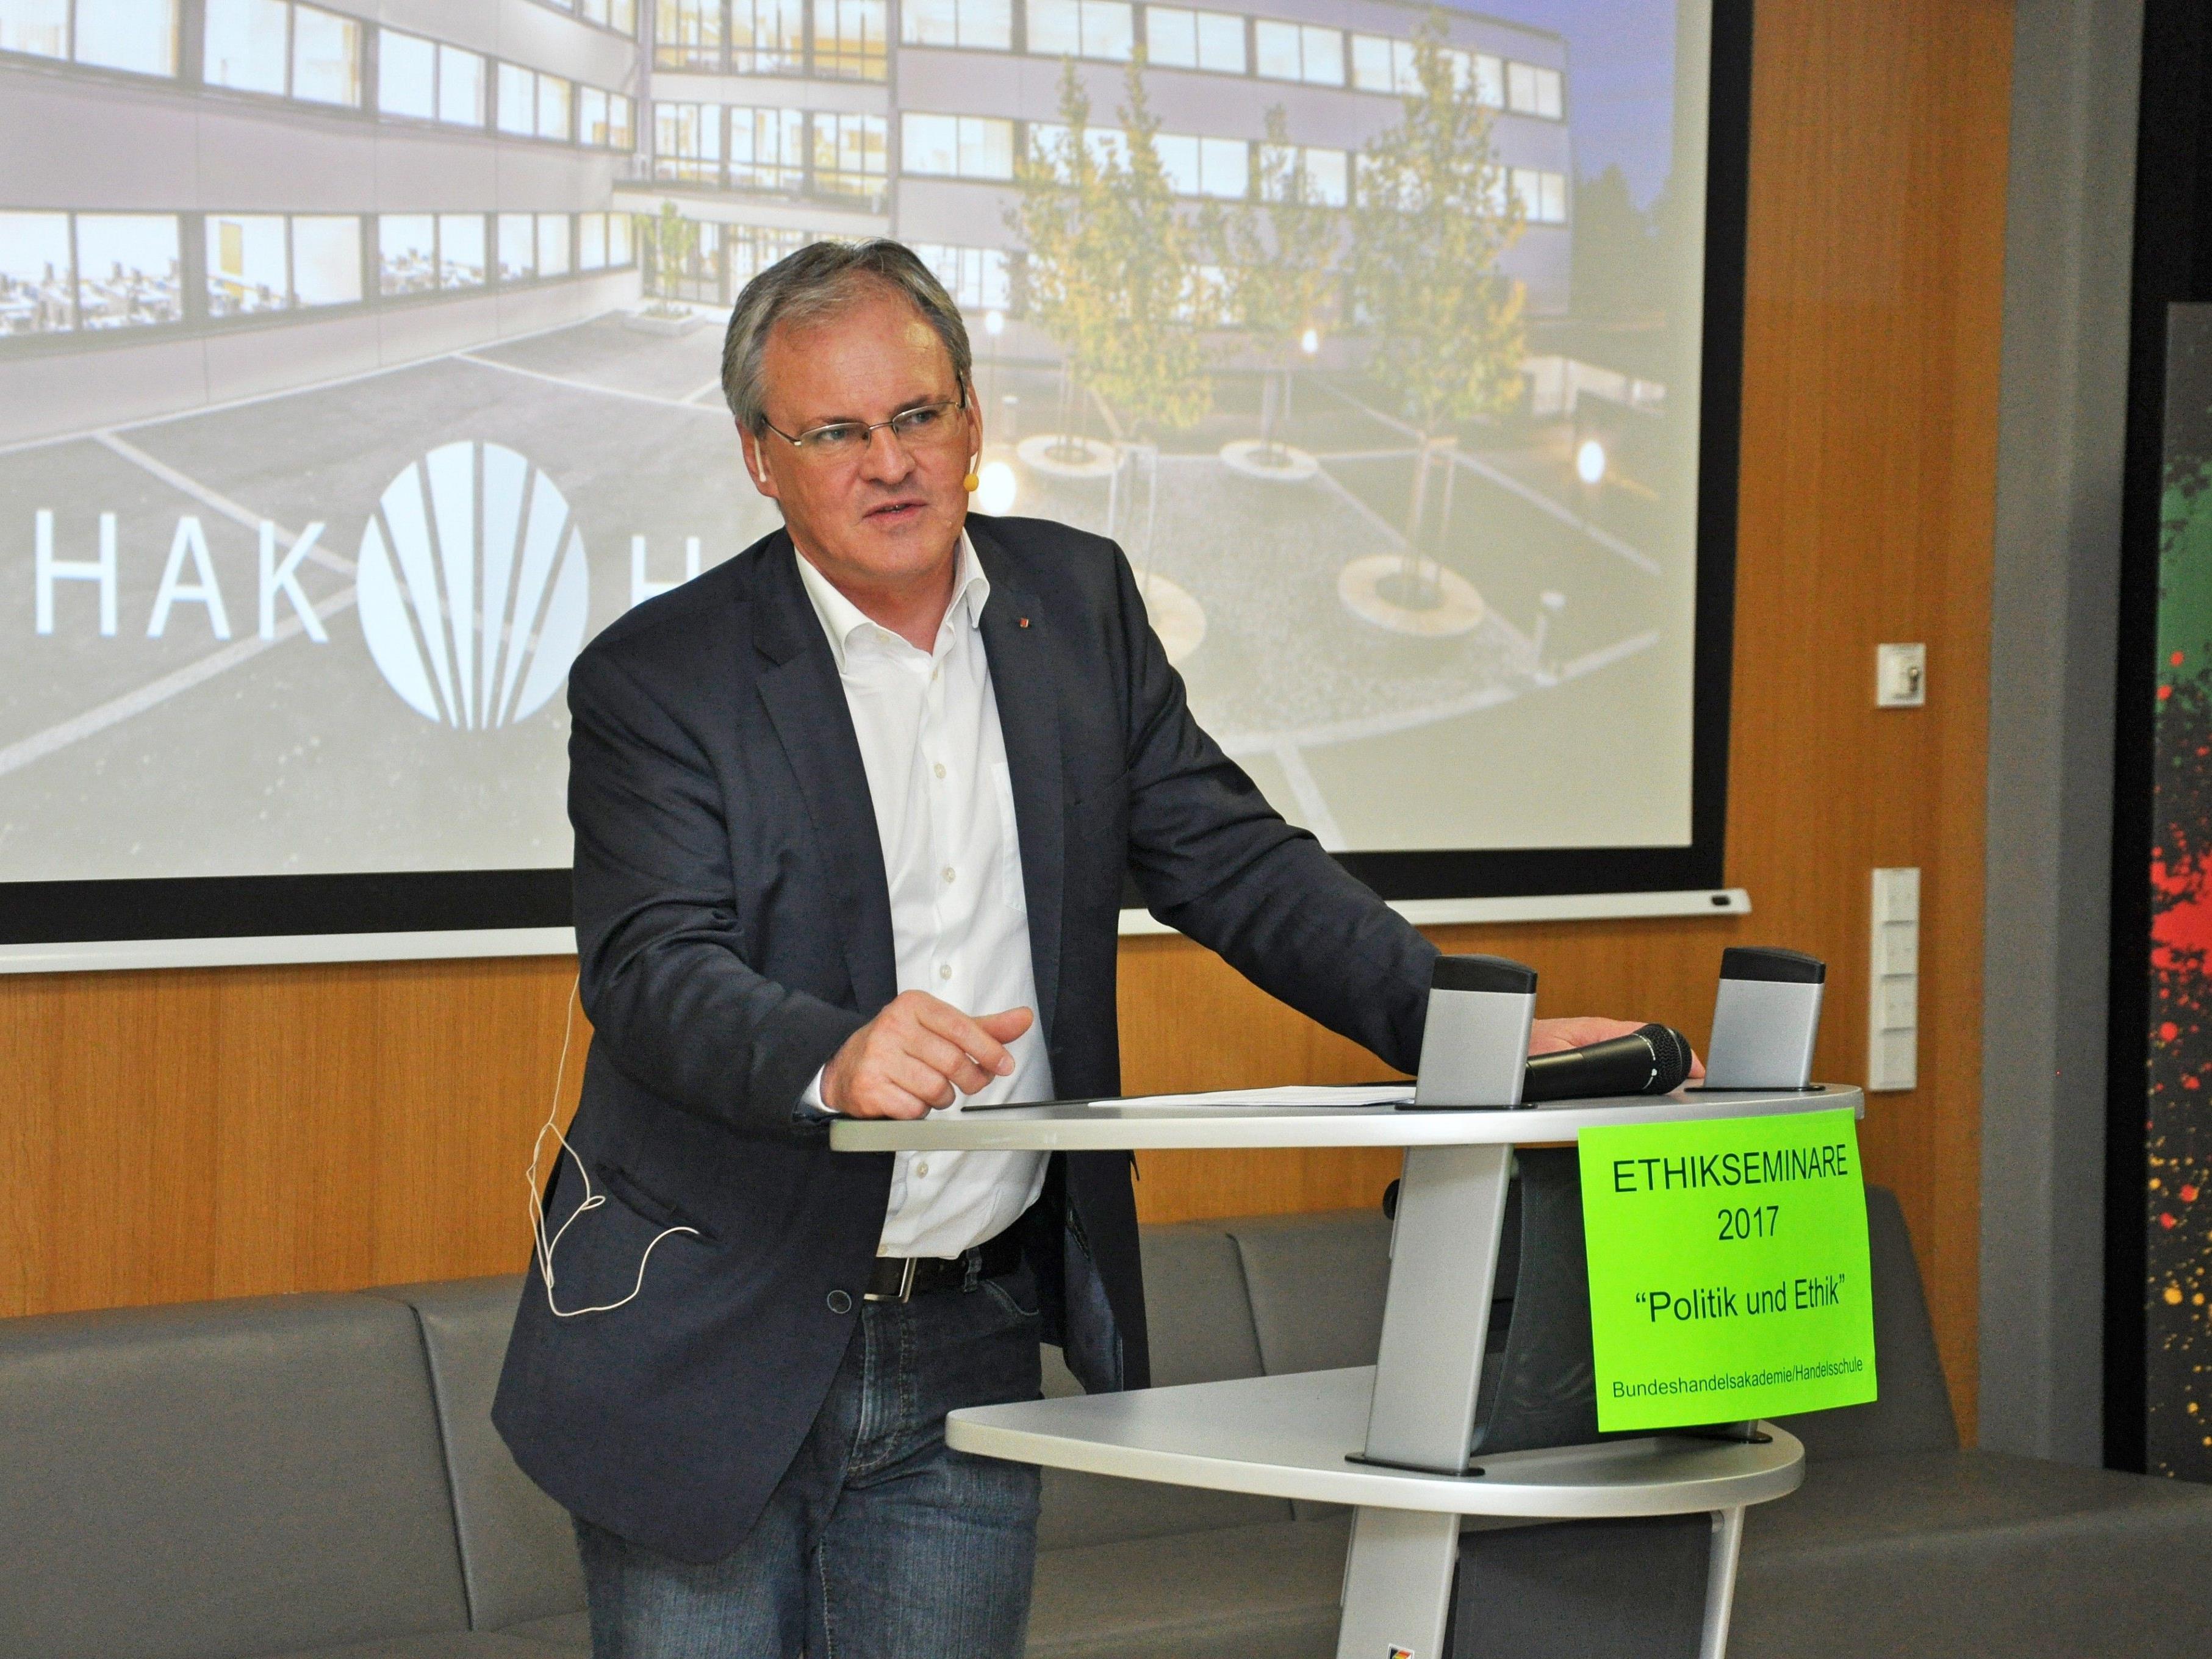 """""""Ethik und Politik"""" waren die Themen des Impulsreferats von Harald Sonderegger."""